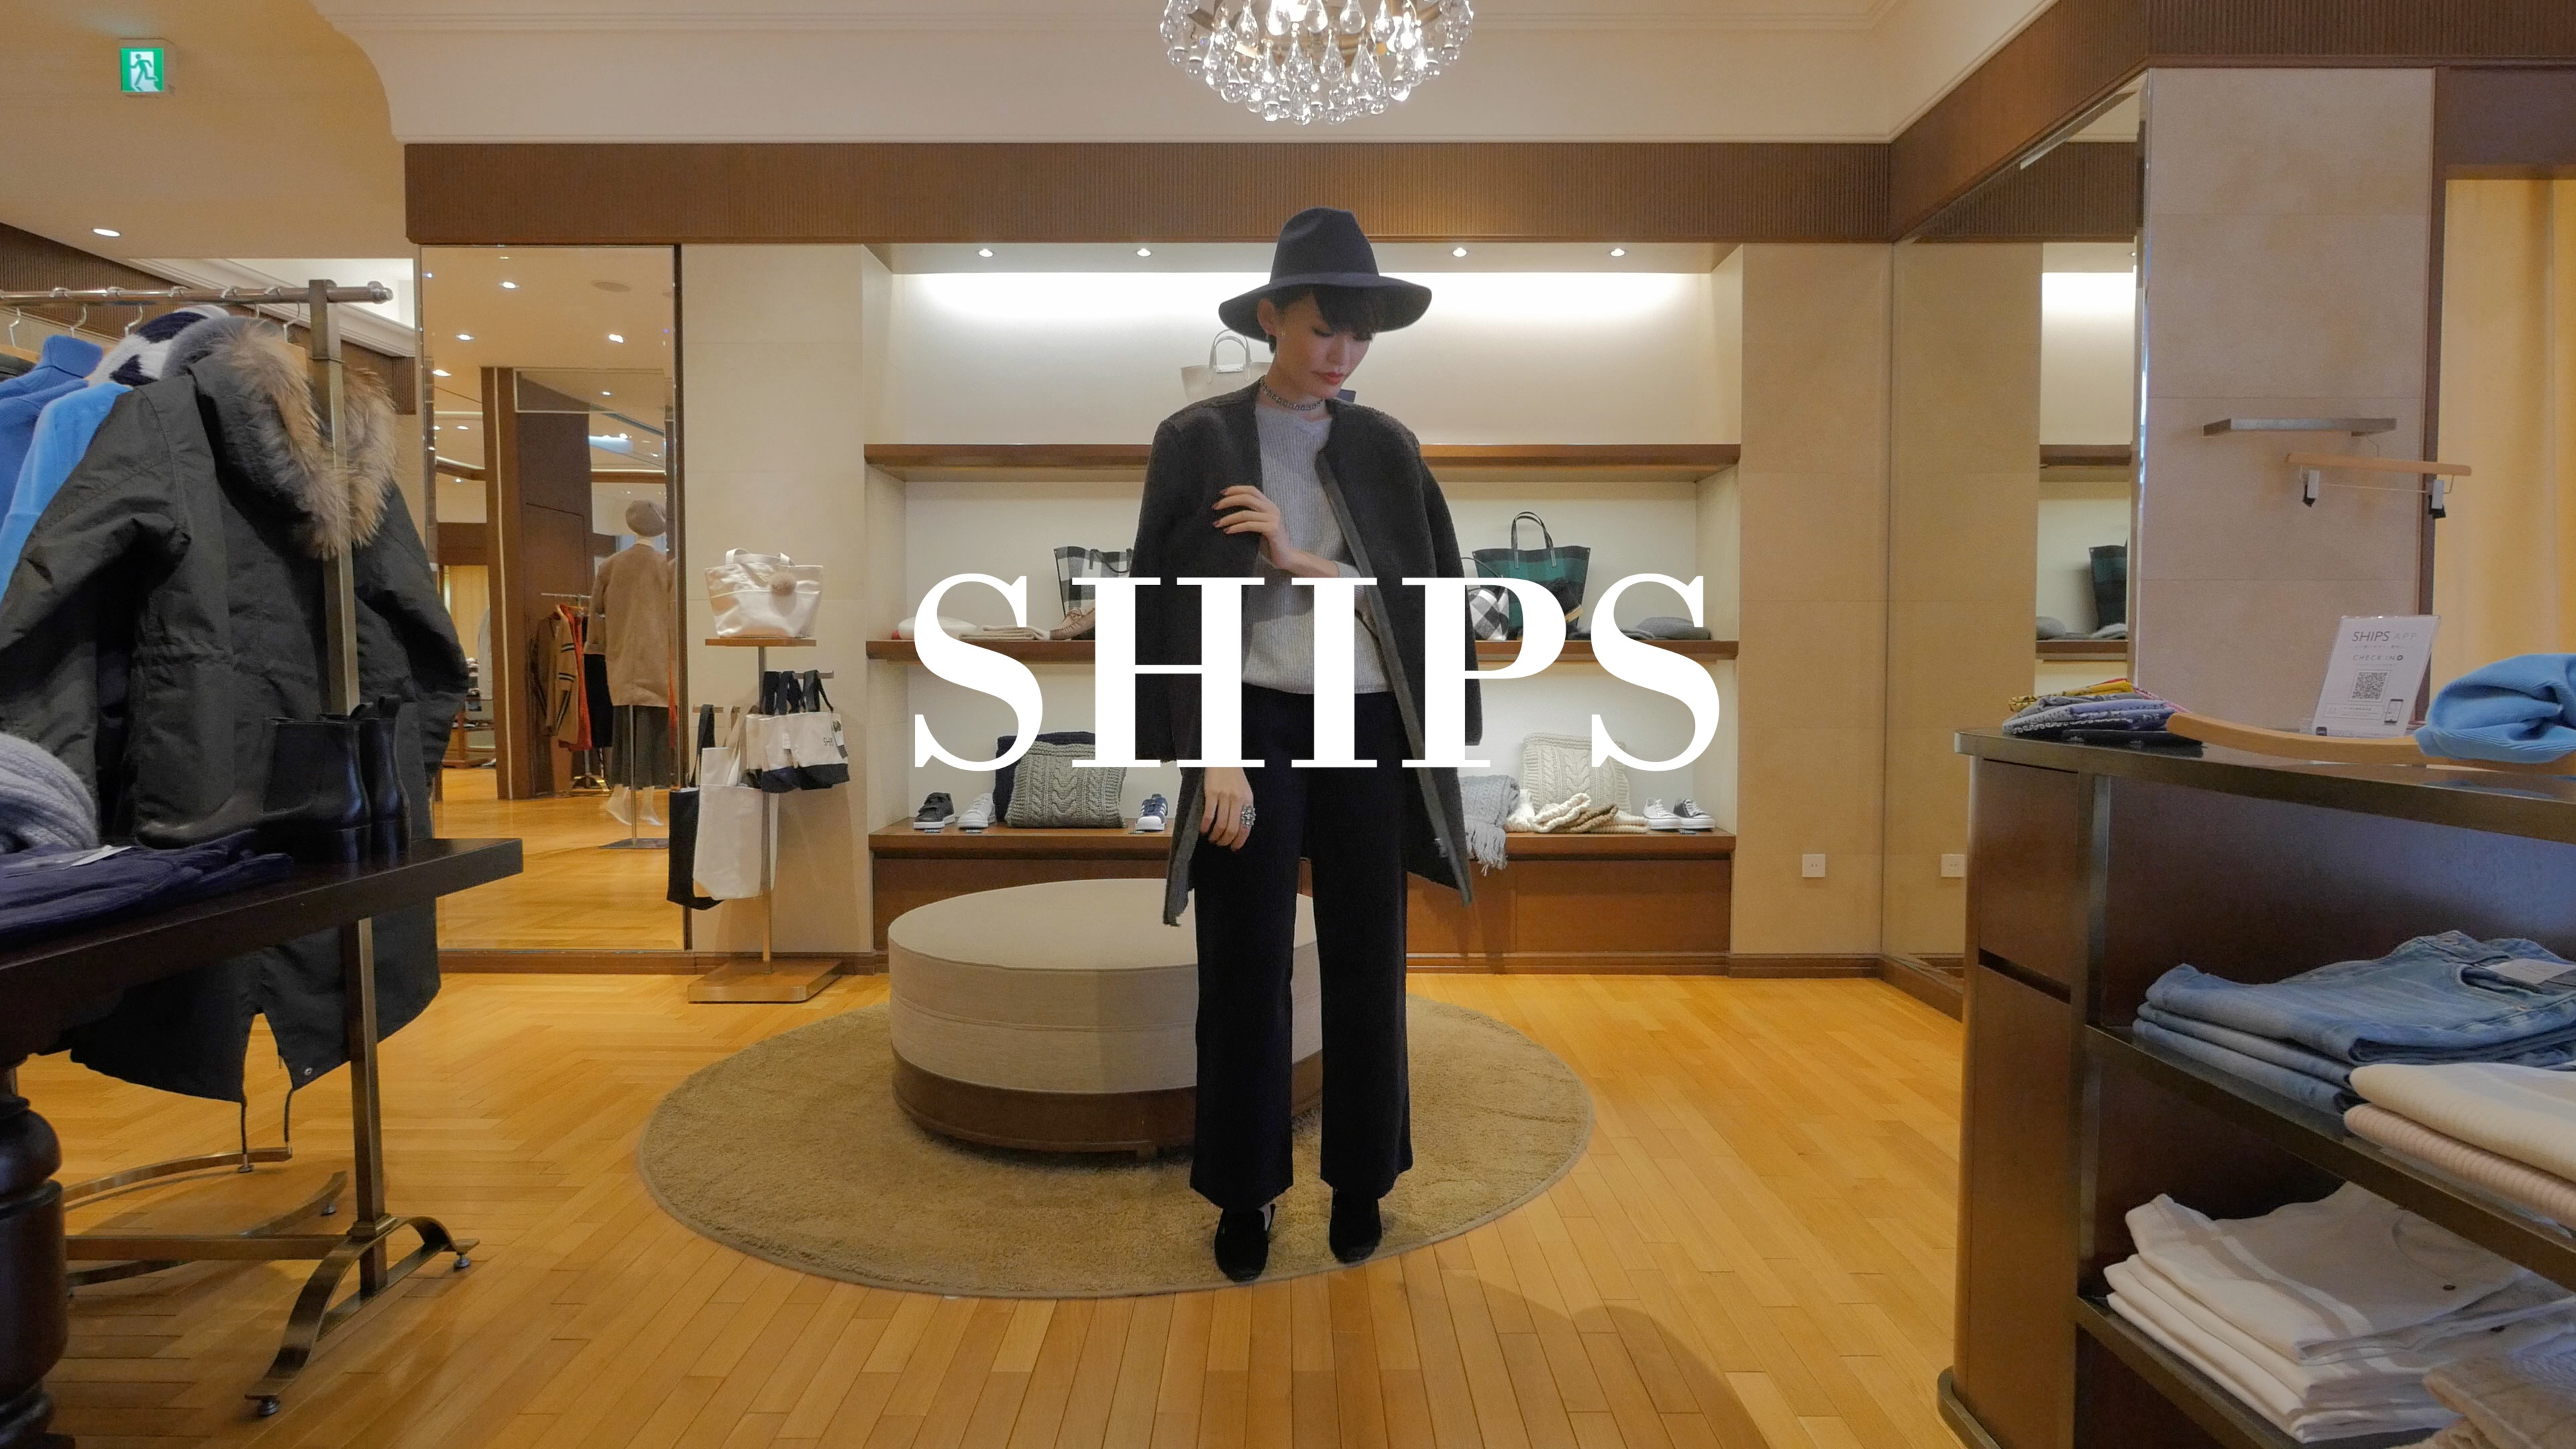 コーデュロイのワイドパンツに、チョーカーやハットで遊び心を加えたハンサムスタイル【SHIPS】#1